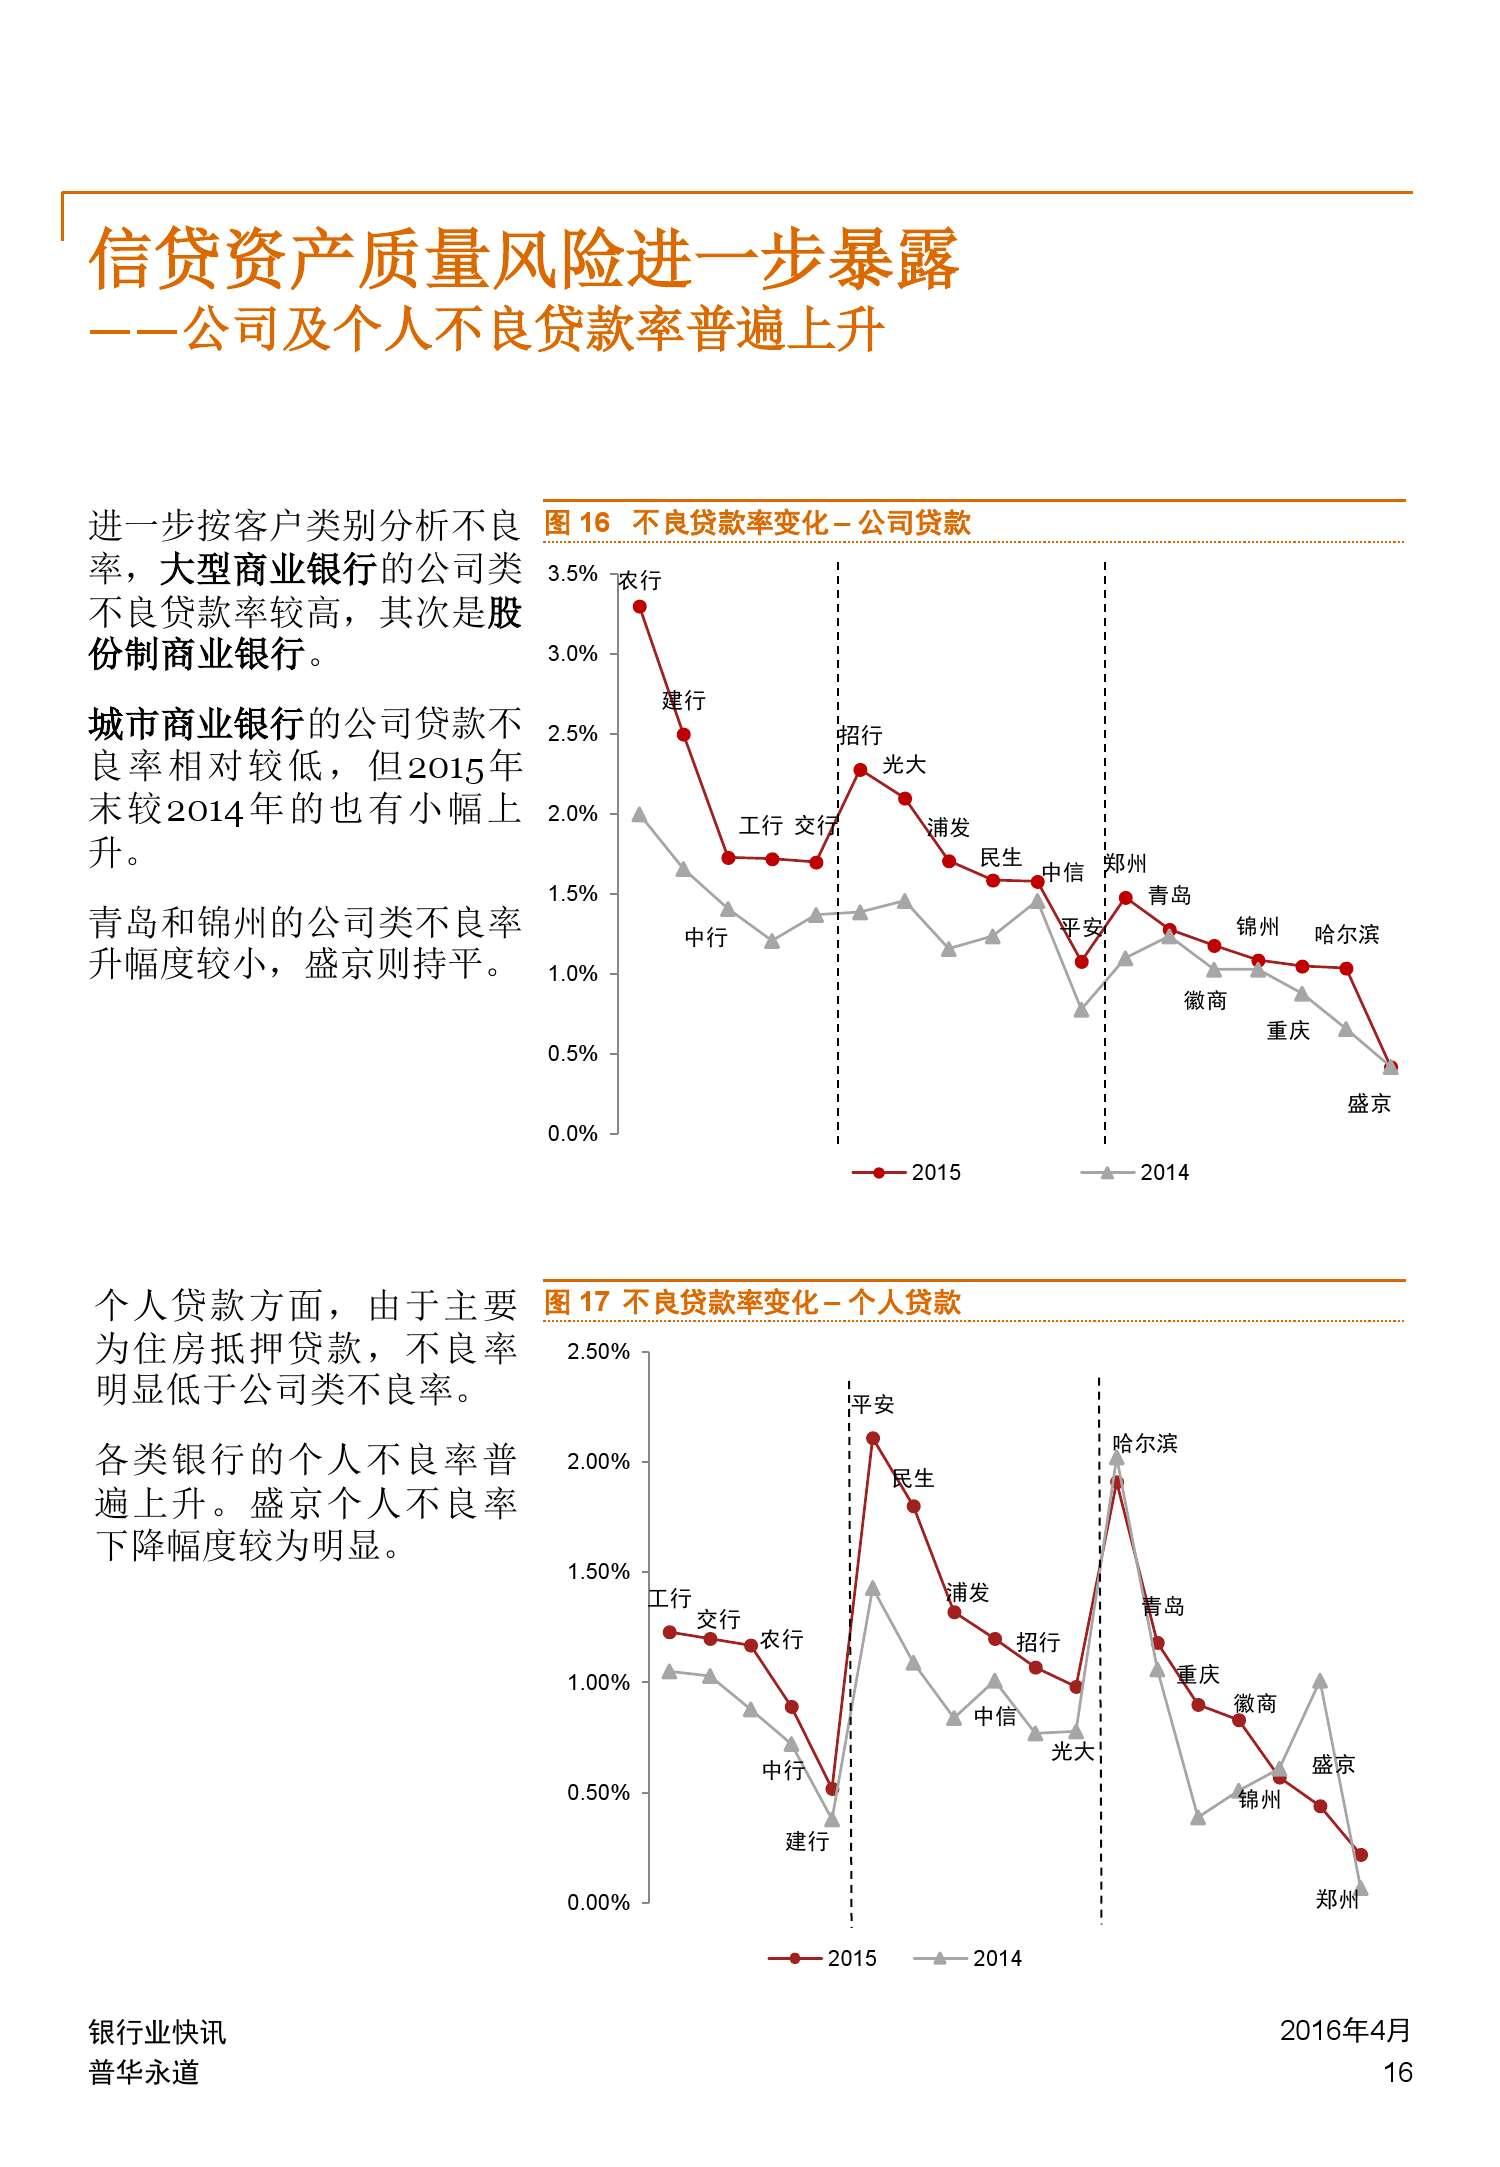 普华永道:2015年中国银行业回顾与展望_000016